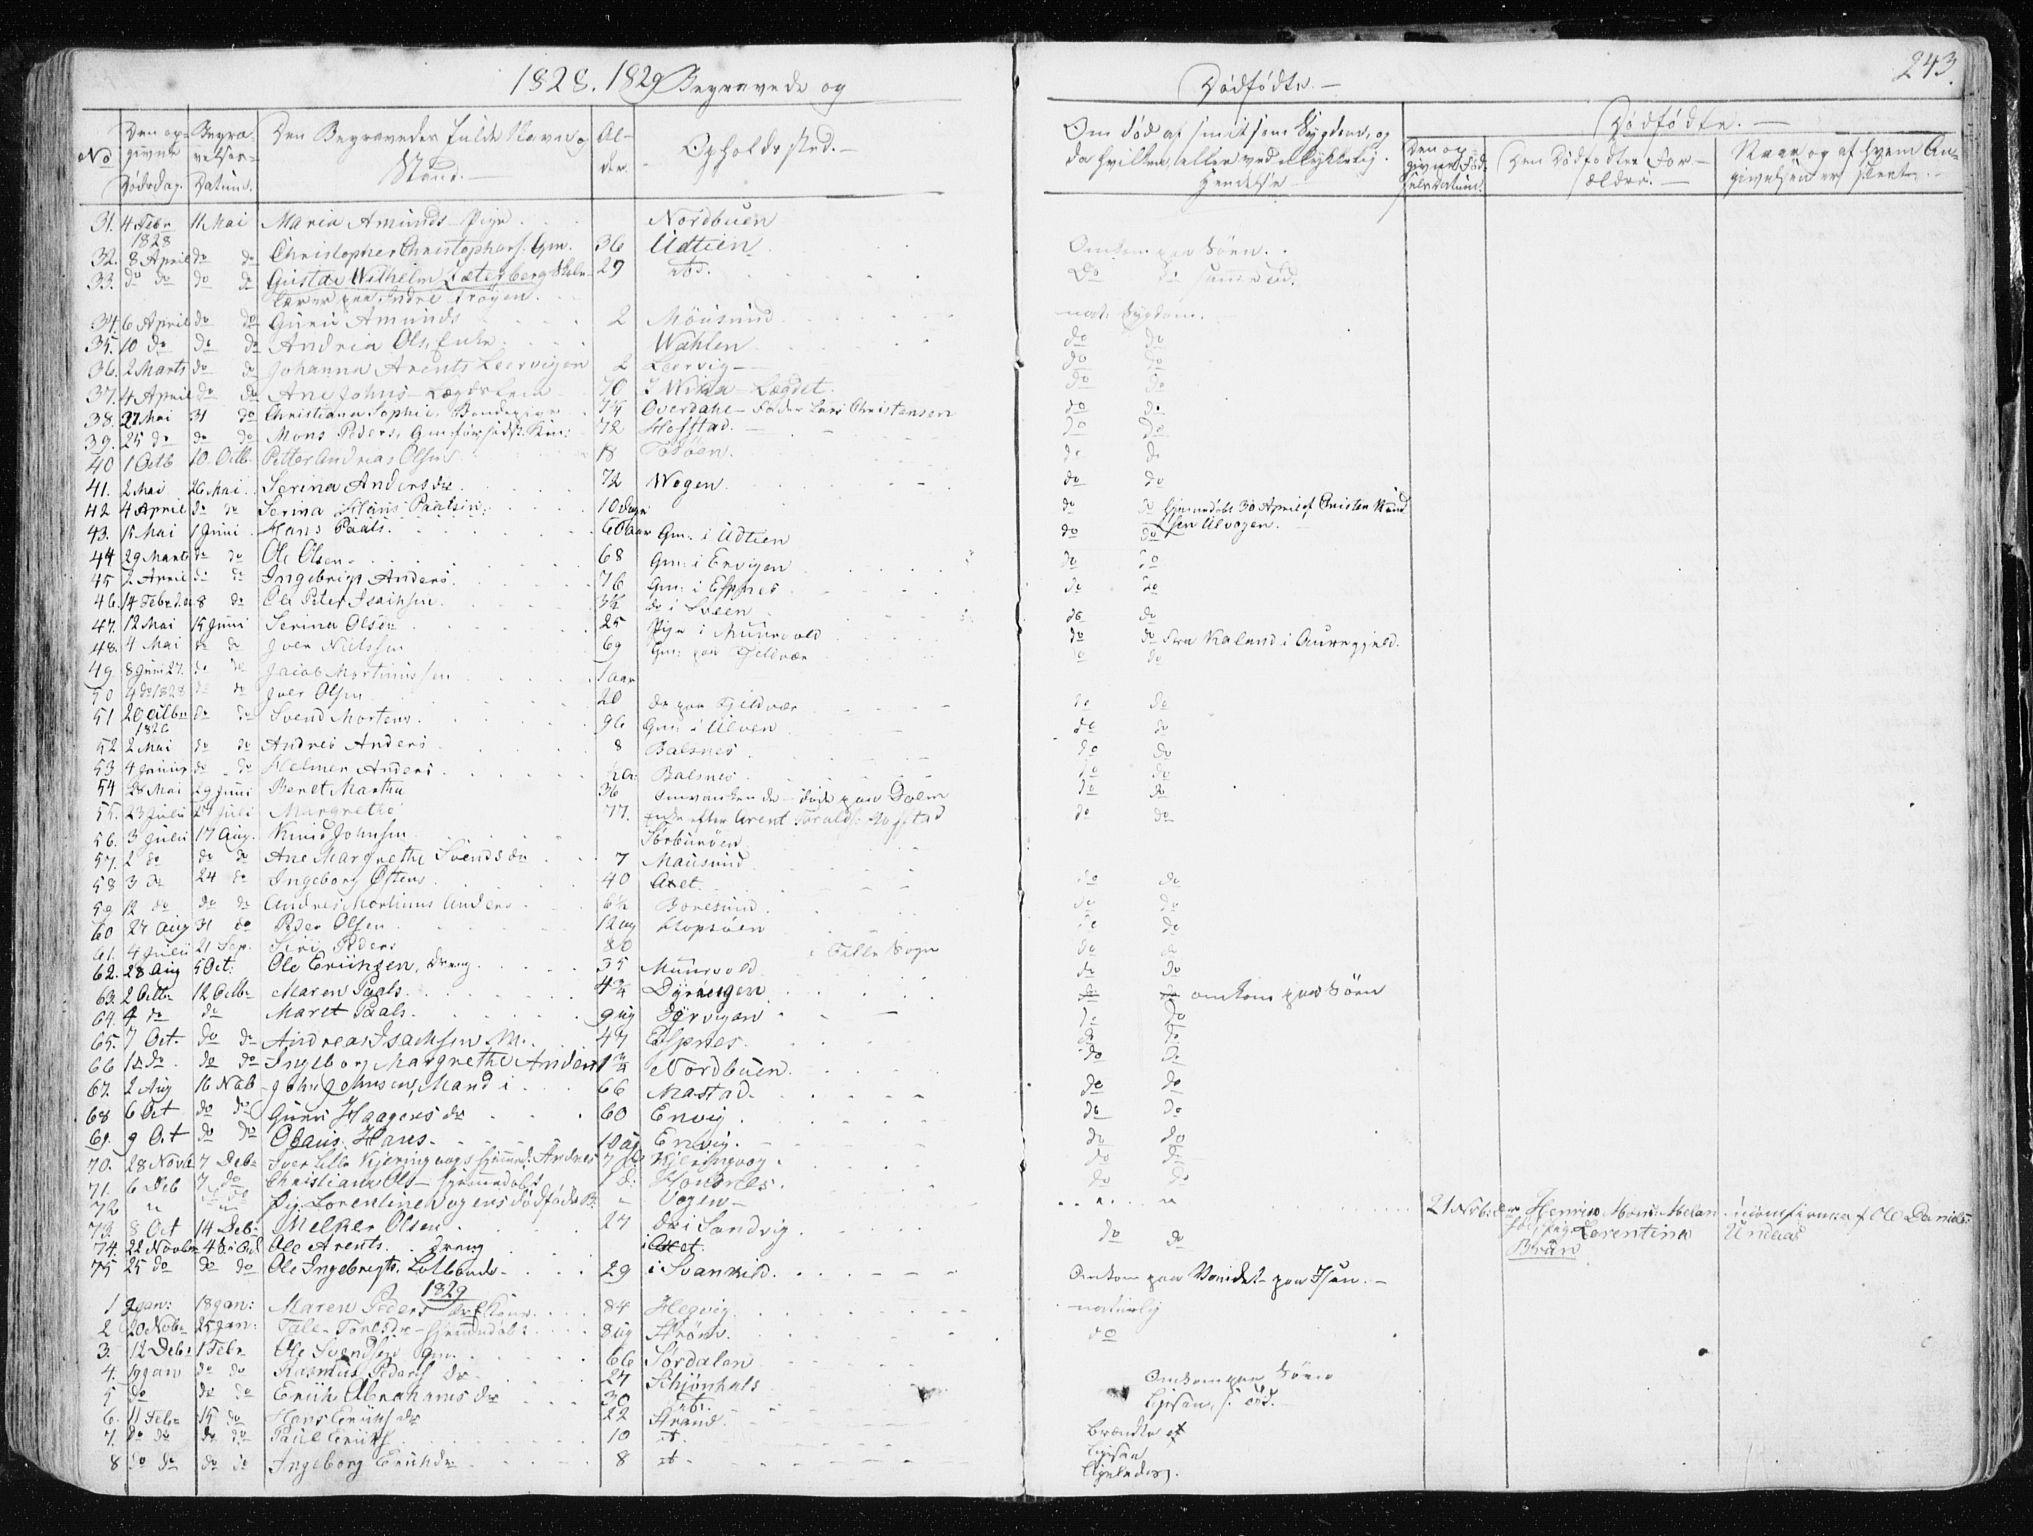 SAT, Ministerialprotokoller, klokkerbøker og fødselsregistre - Sør-Trøndelag, 634/L0528: Ministerialbok nr. 634A04, 1827-1842, s. 243